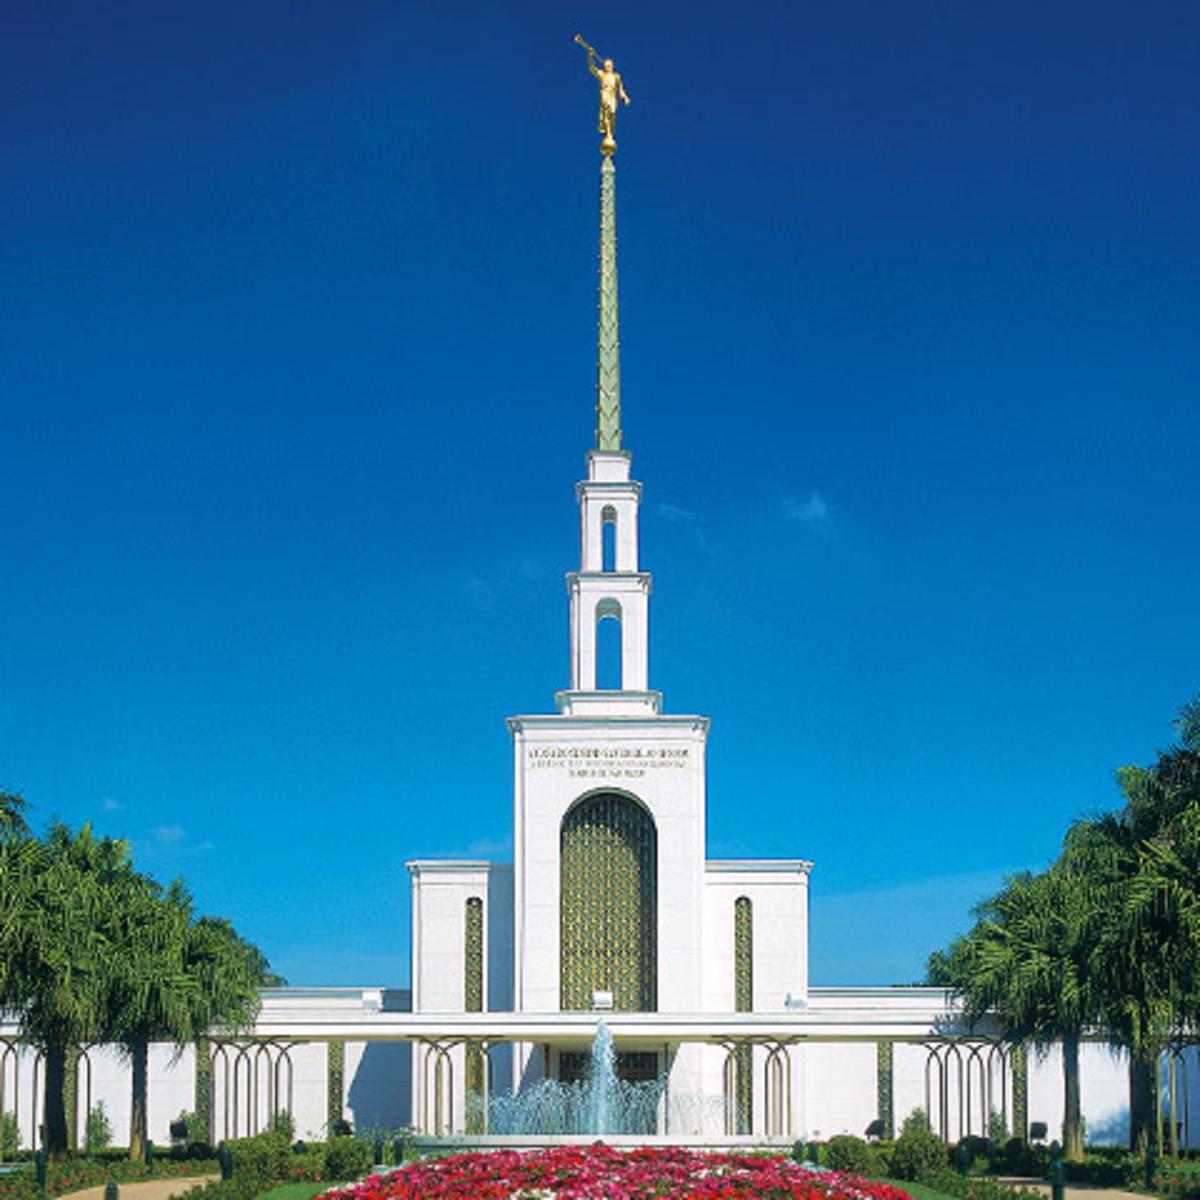 templo mormon na cidade de Sao Paulo